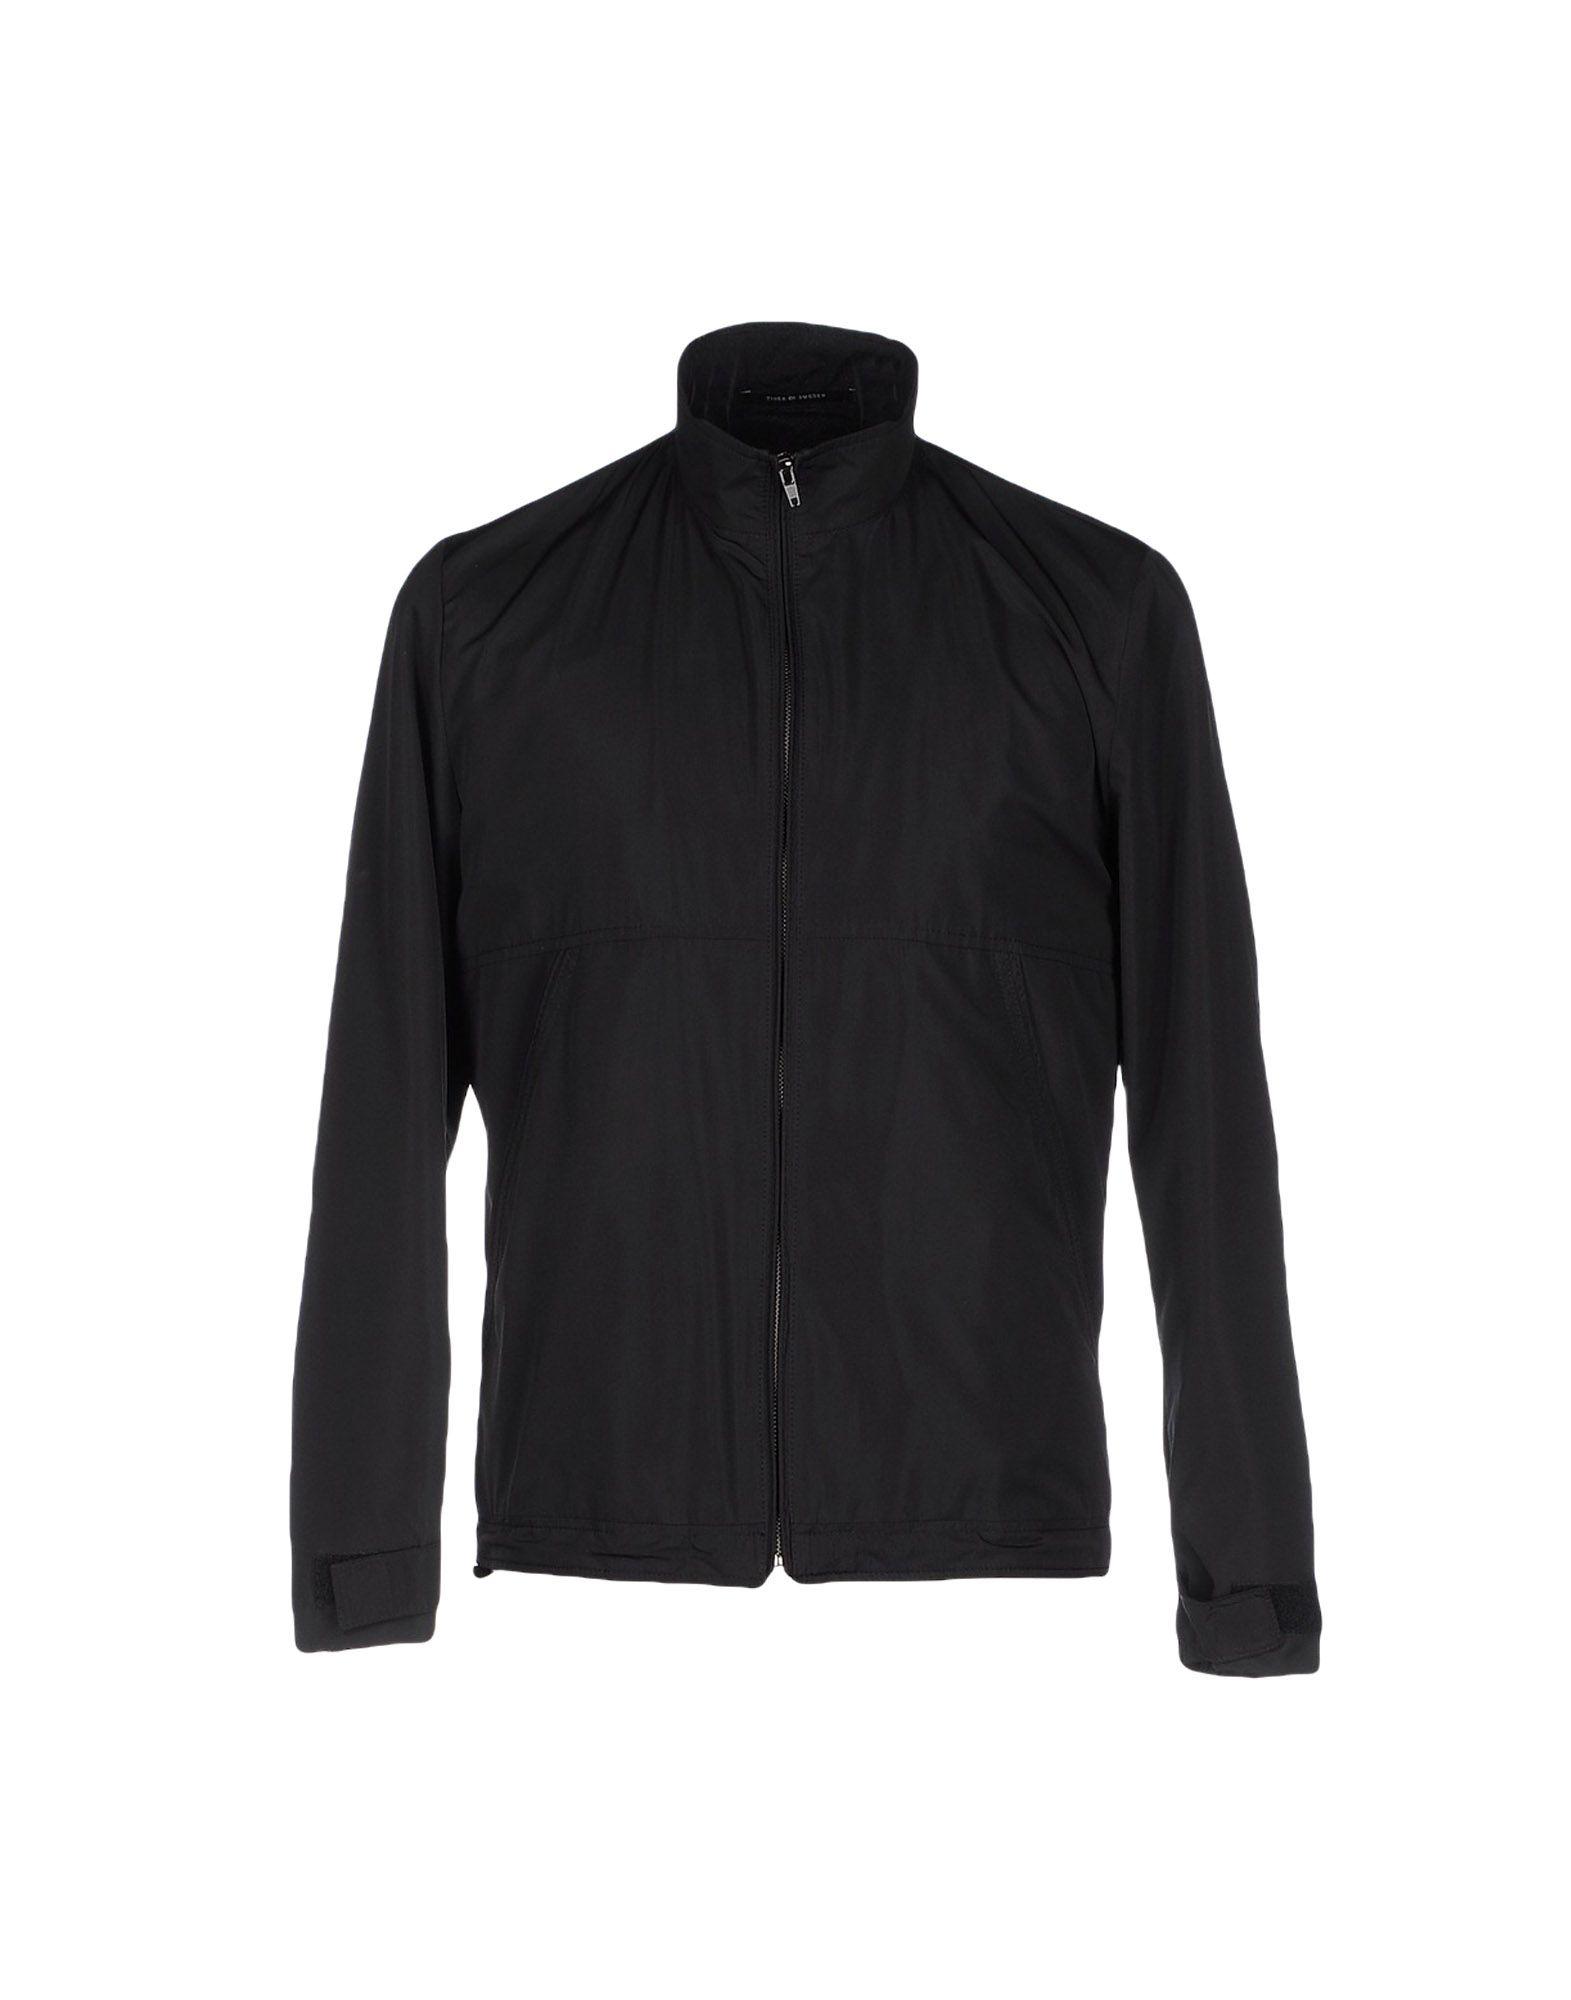 TIGER OF SWEDEN Herren Jacke Farbe Schwarz Größe 2